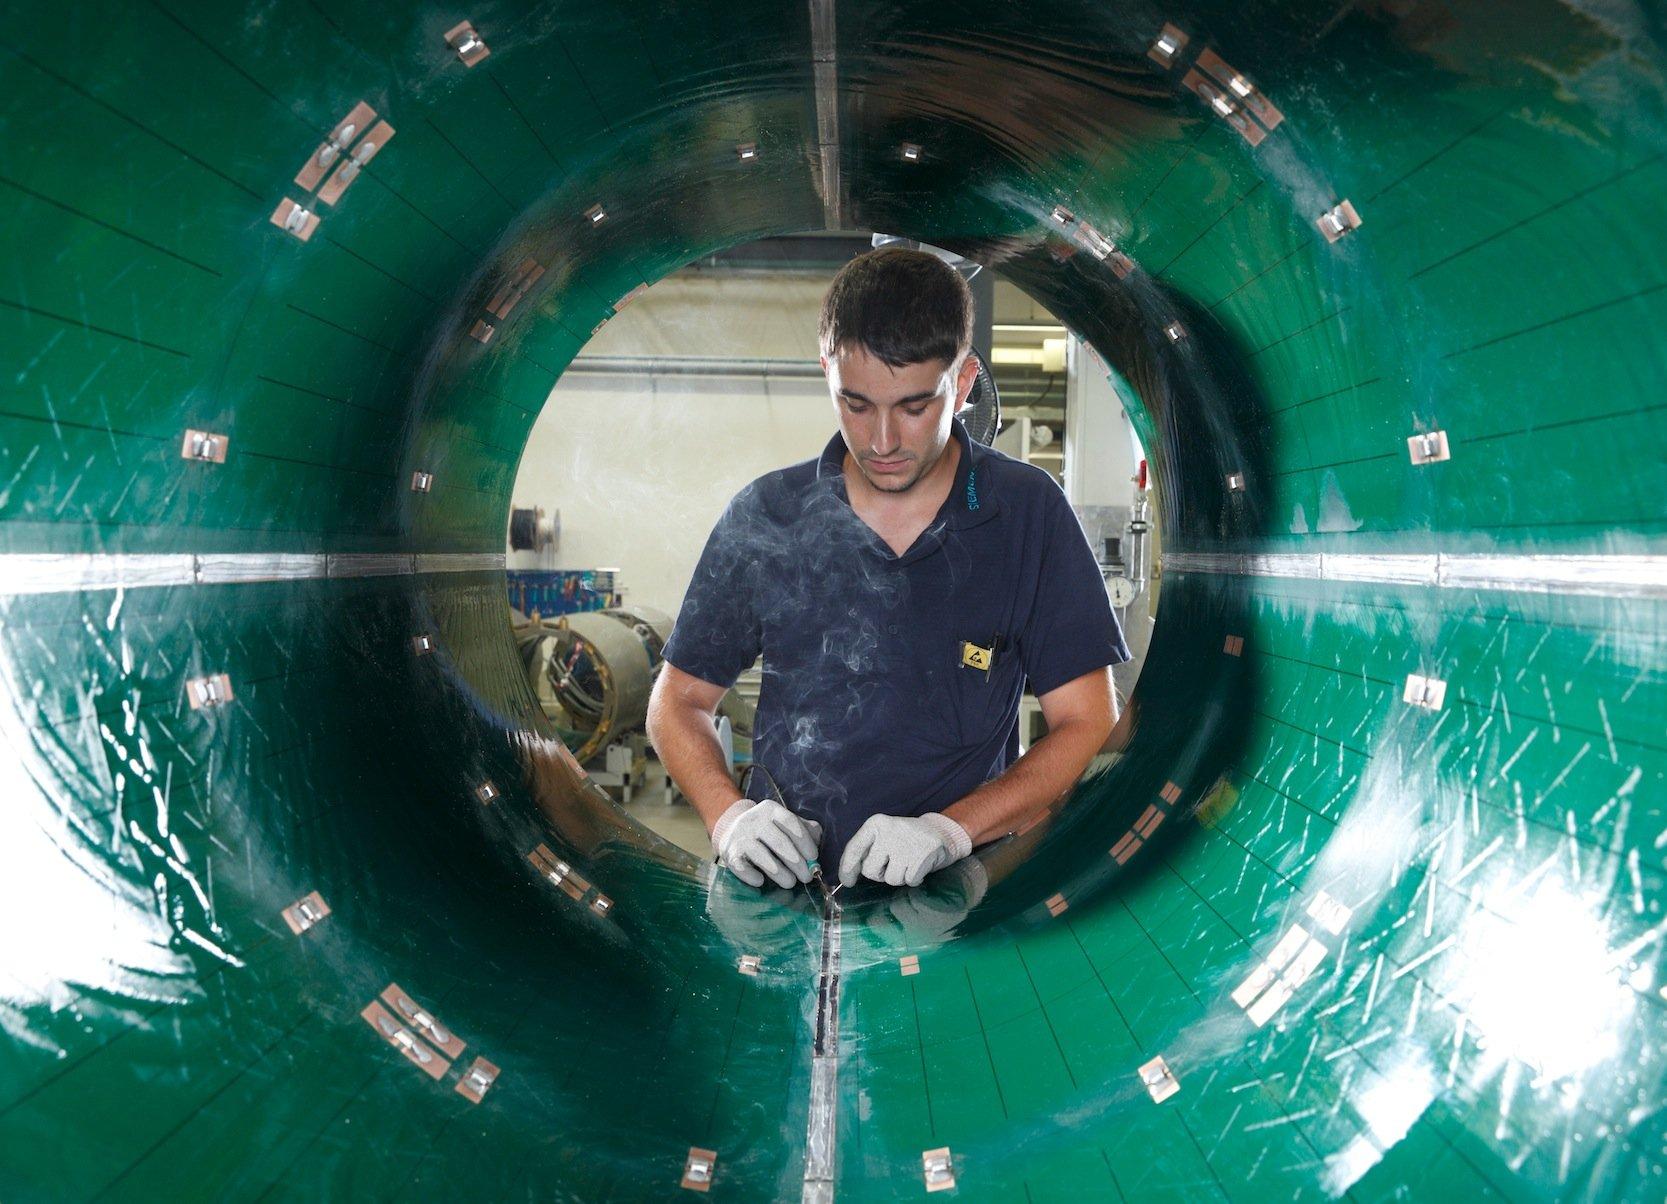 Fertigung eines Magnetresonanztomographen im Siemens-Werk Erlangen: Bislang galt die Untersuchung im MRT auf Krebs als besonders schonend, weil keine radioaktive Strahlung genutzt wird.